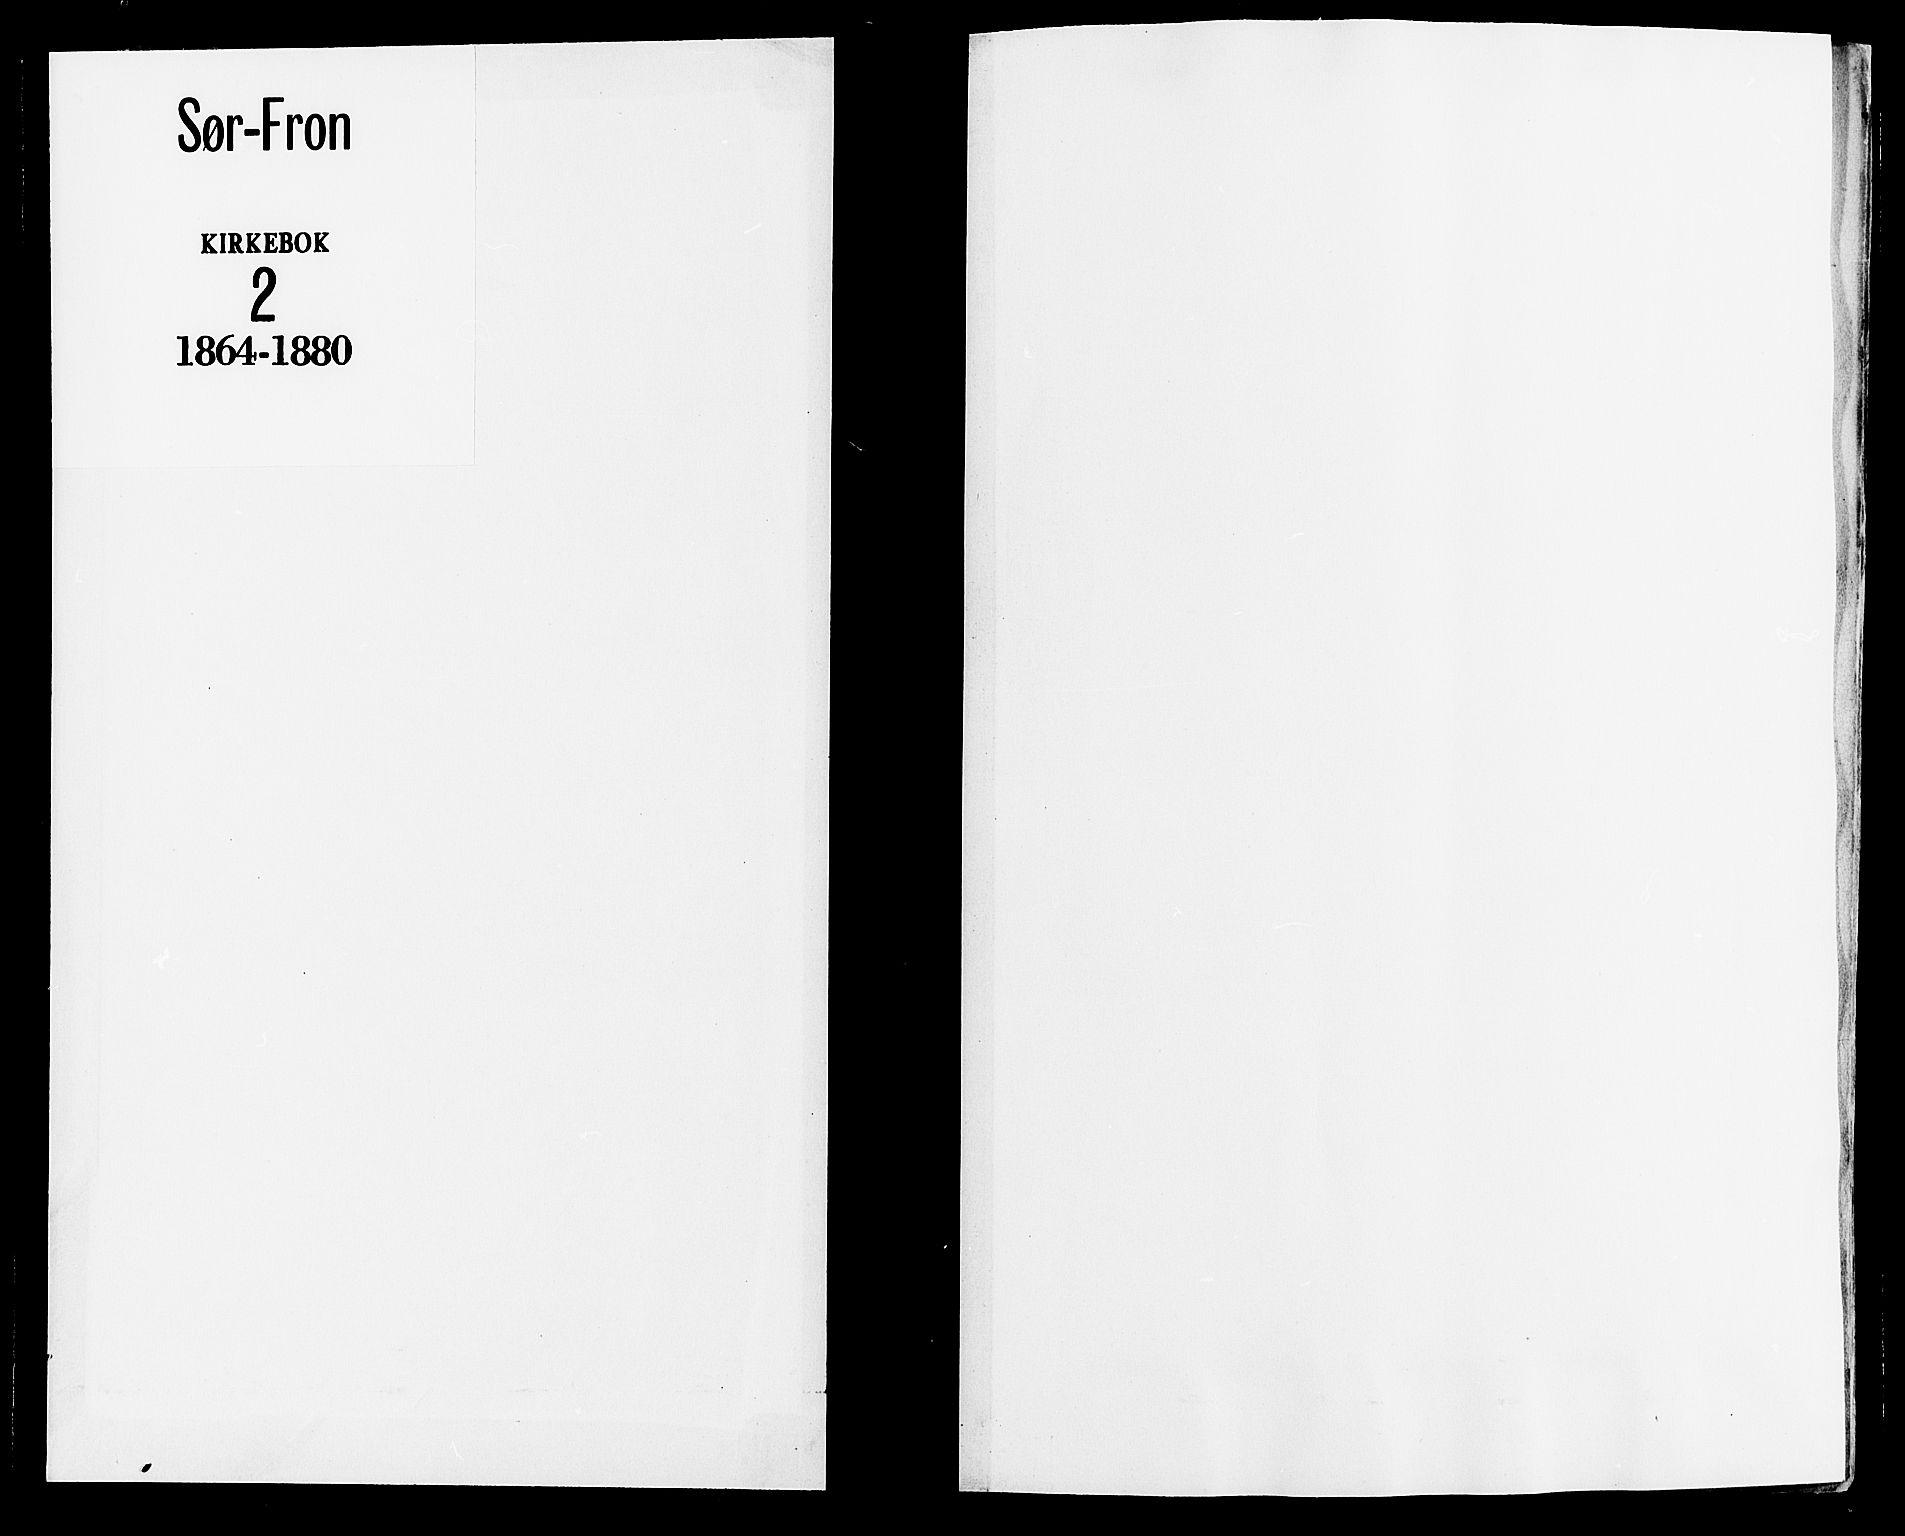 SAH, Sør-Fron prestekontor, H/Ha/Haa/L0002: Ministerialbok nr. 2, 1864-1880